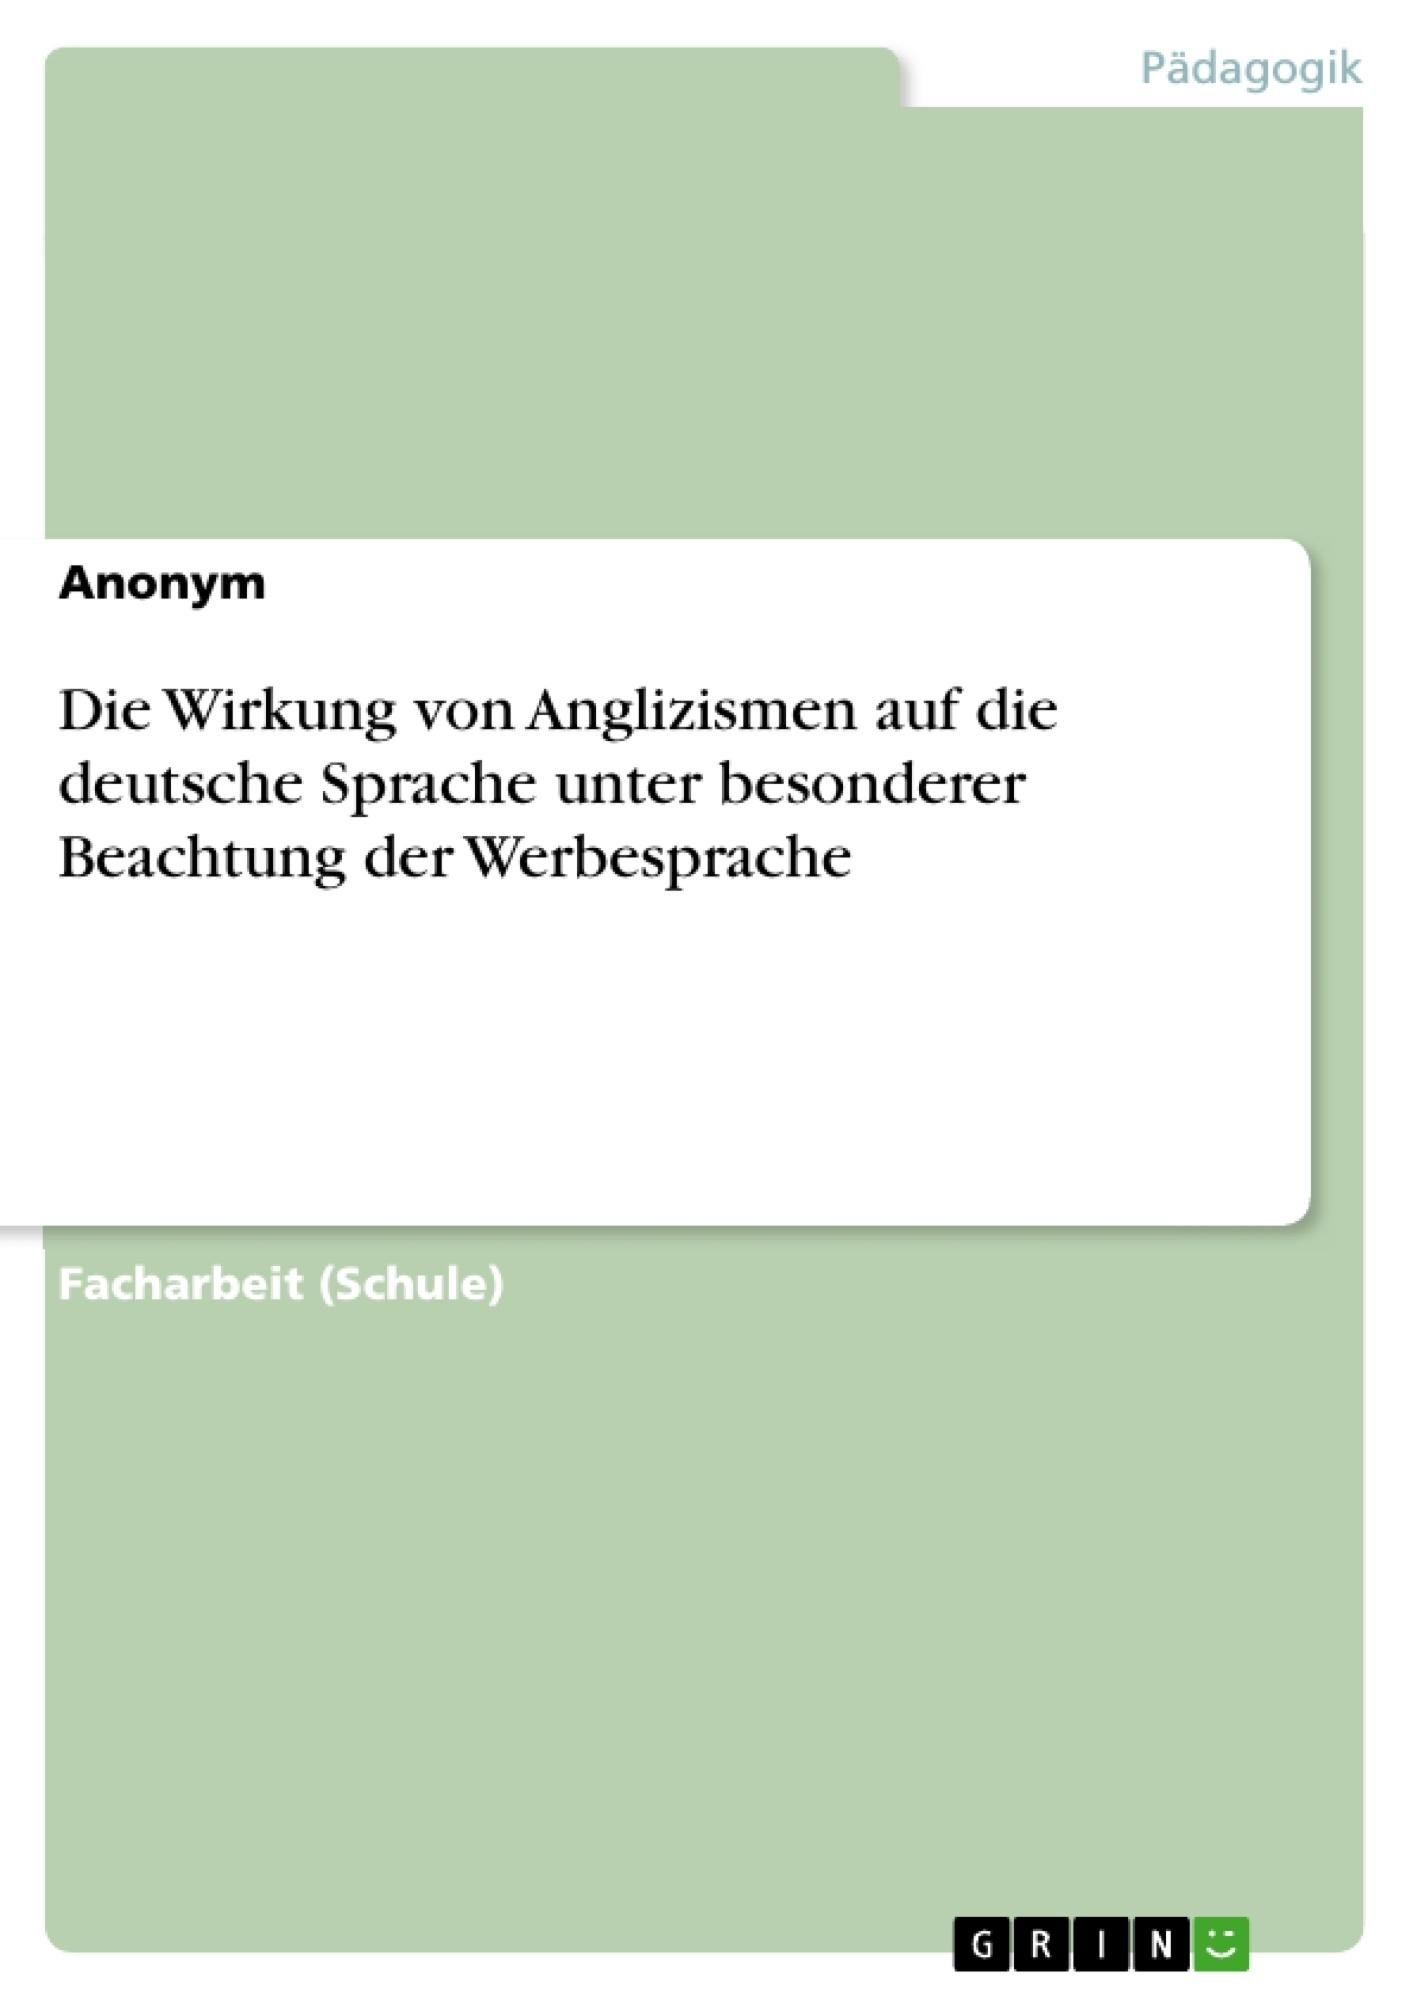 Titel: Die Wirkung von Anglizismen auf die deutsche Sprache unter besonderer Beachtung der Werbesprache